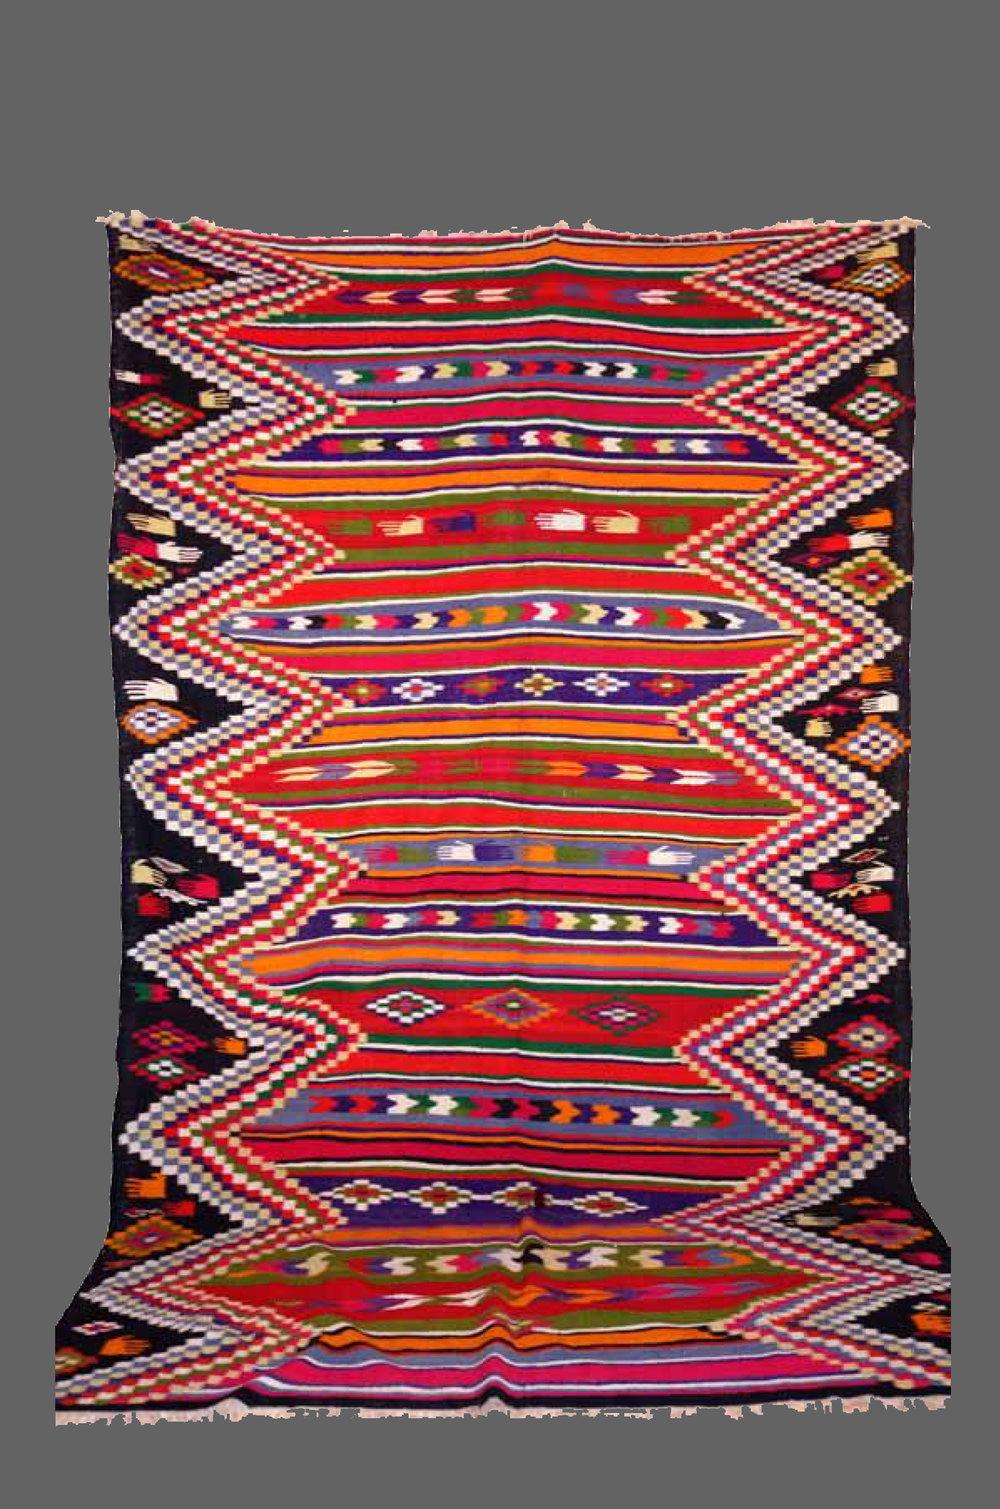 Ethnie : Gafsa    Origine : Tunisie    Année : 1980    Dimensions : 3,20 x 2,10    Technique : Tissage serré    Description : Multicolore, très graphique    Référence : KG OO4    Prix : 900€